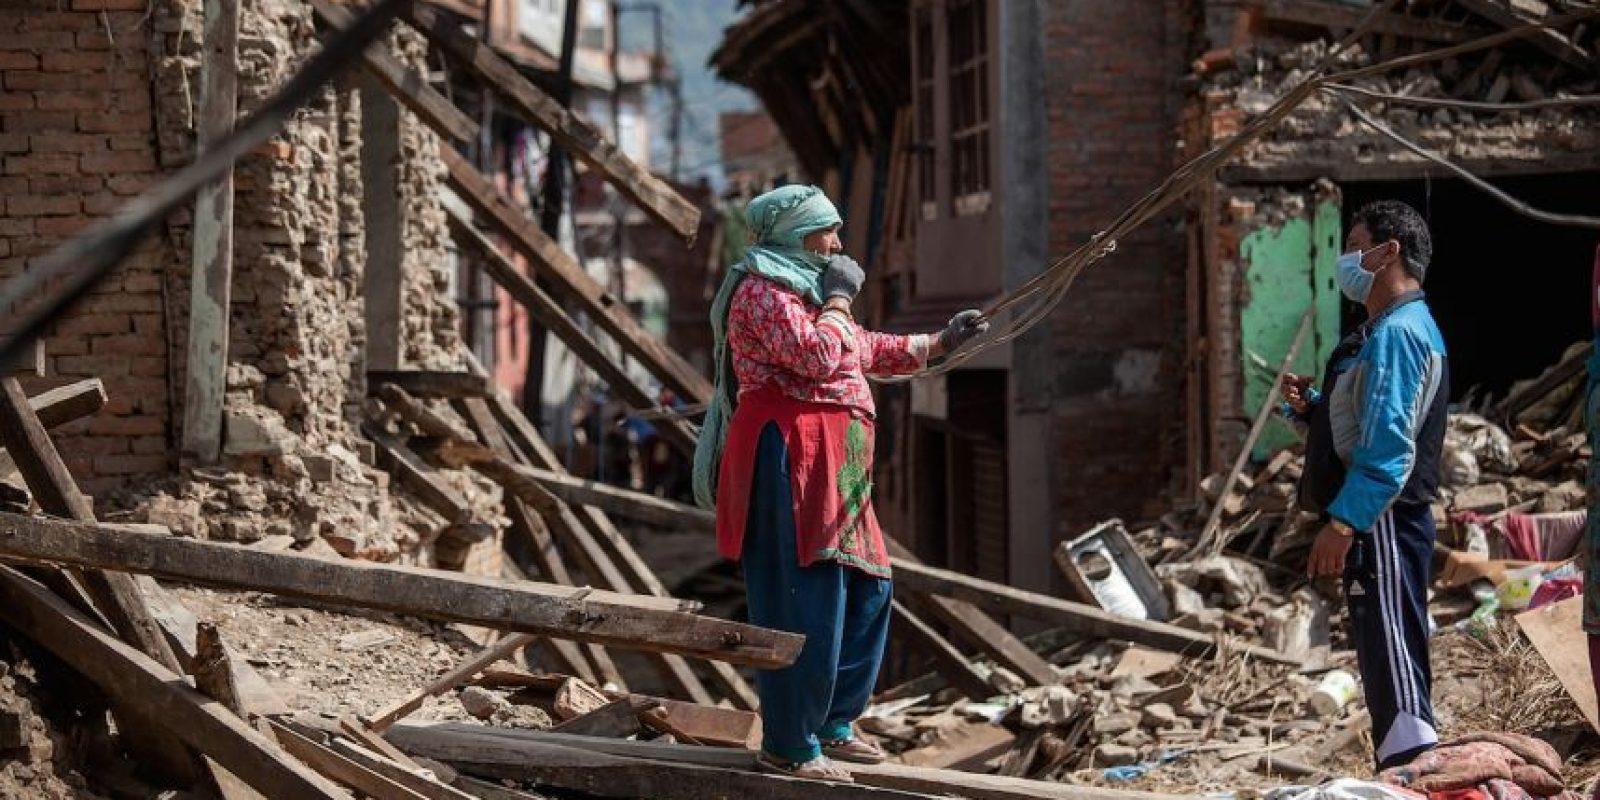 """Según """"El País"""", la alimentación ha quedado mayormente en manos de las organizaciones no gubernamentales que prestan su ayuda en el lugar. De acuerdo a UNICEP Nepal, un millón 700 mil niños necesitan ayuda alimentaria urgente. Foto:Getty Images"""